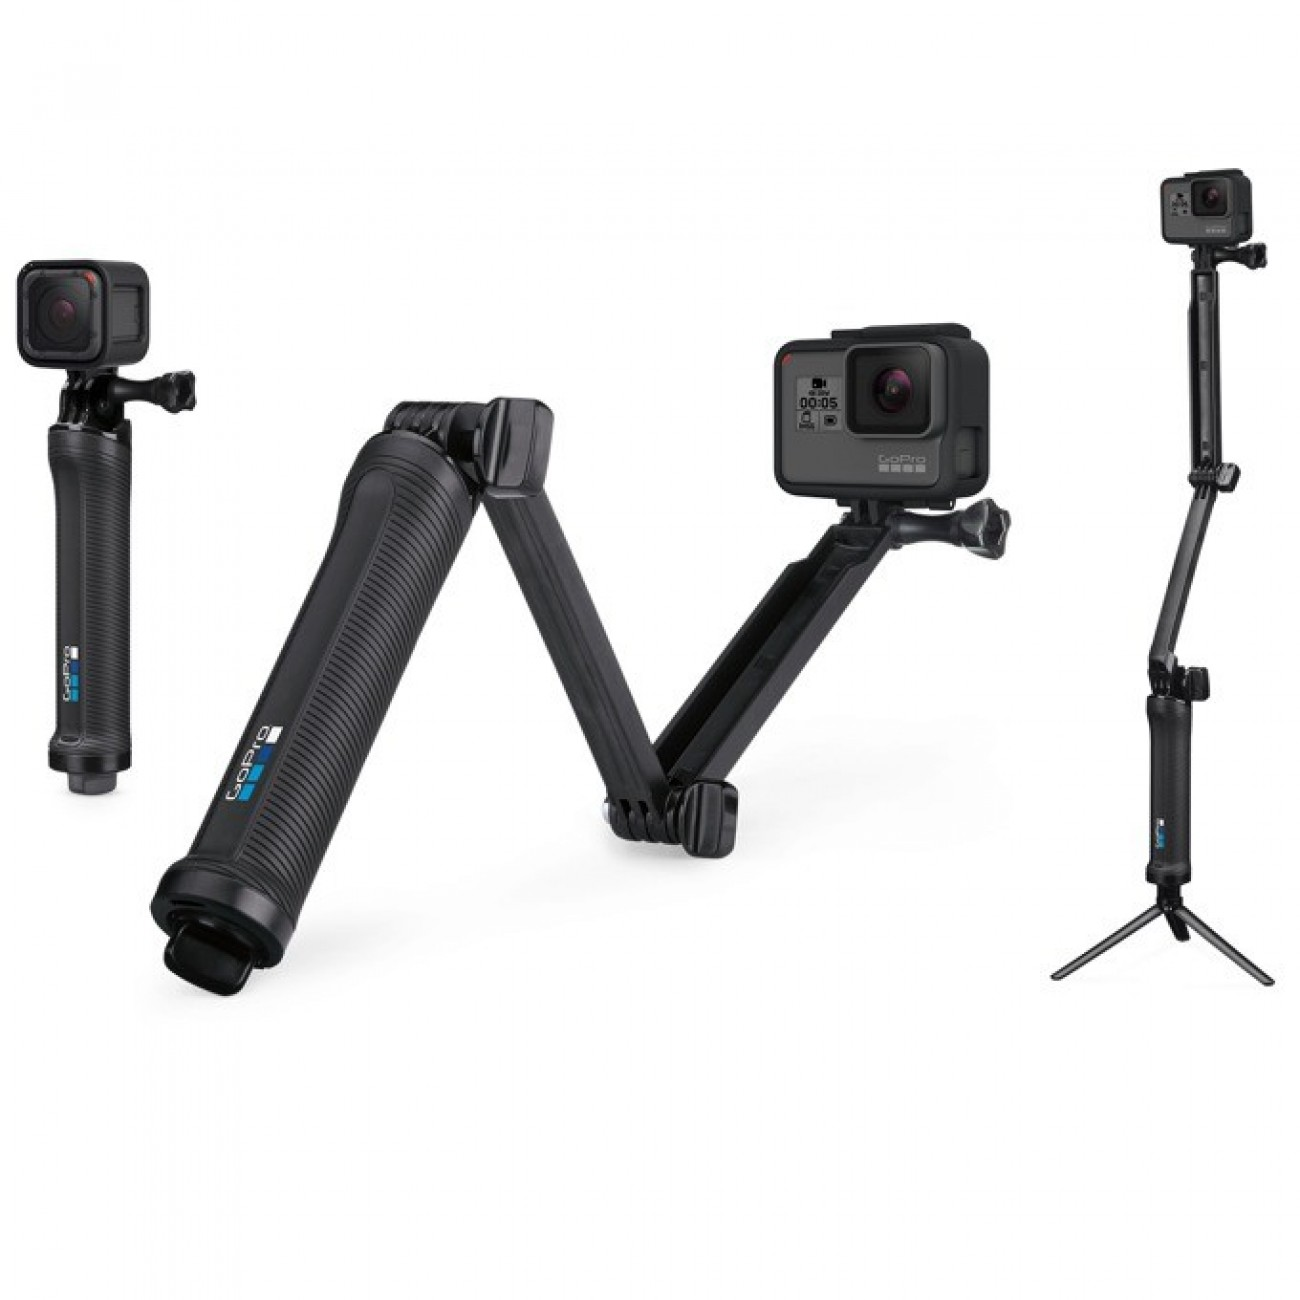 Mултифункционална ръкохватка GoPro 3-Way, съвместими за цялата серия на GoPro, водоустойчивa в Други Фото аксесоари -  | Alleop